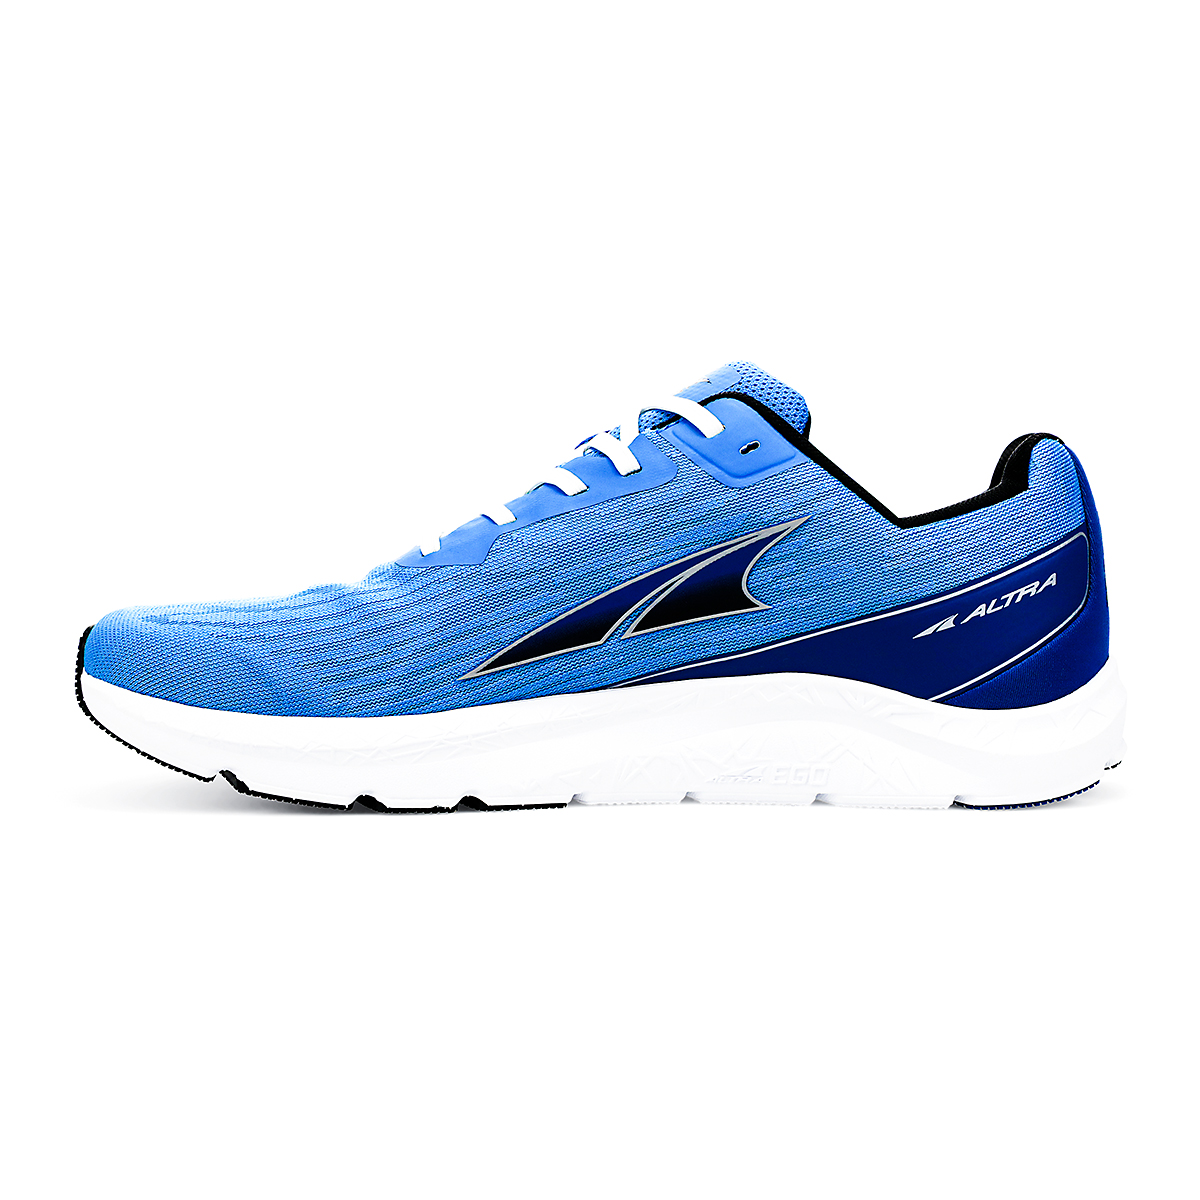 Men's Altra Rivera Running Shoe - Color: Light Blue - Size: 7 - Width: Regular, Light Blue, large, image 2